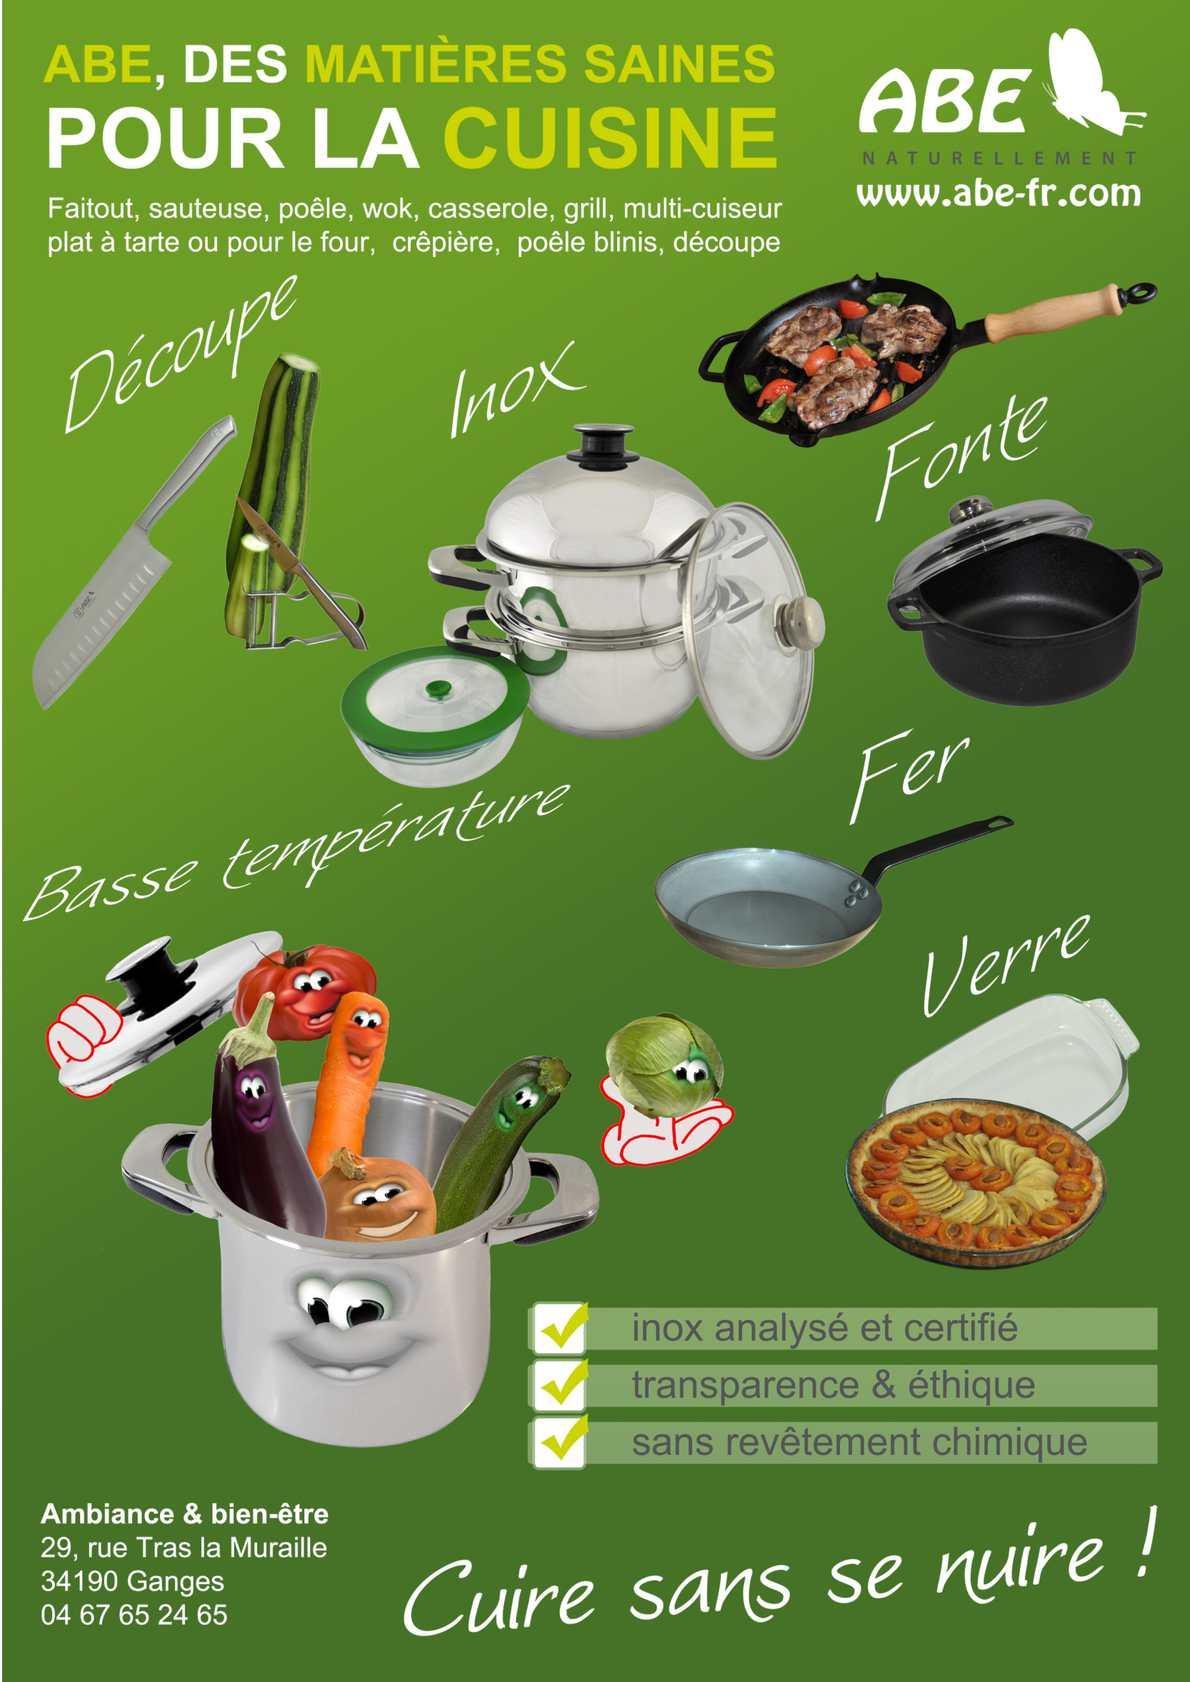 Ustensile De Cuisine Pour Réchauffer calaméo - ustensiles cuisine abe